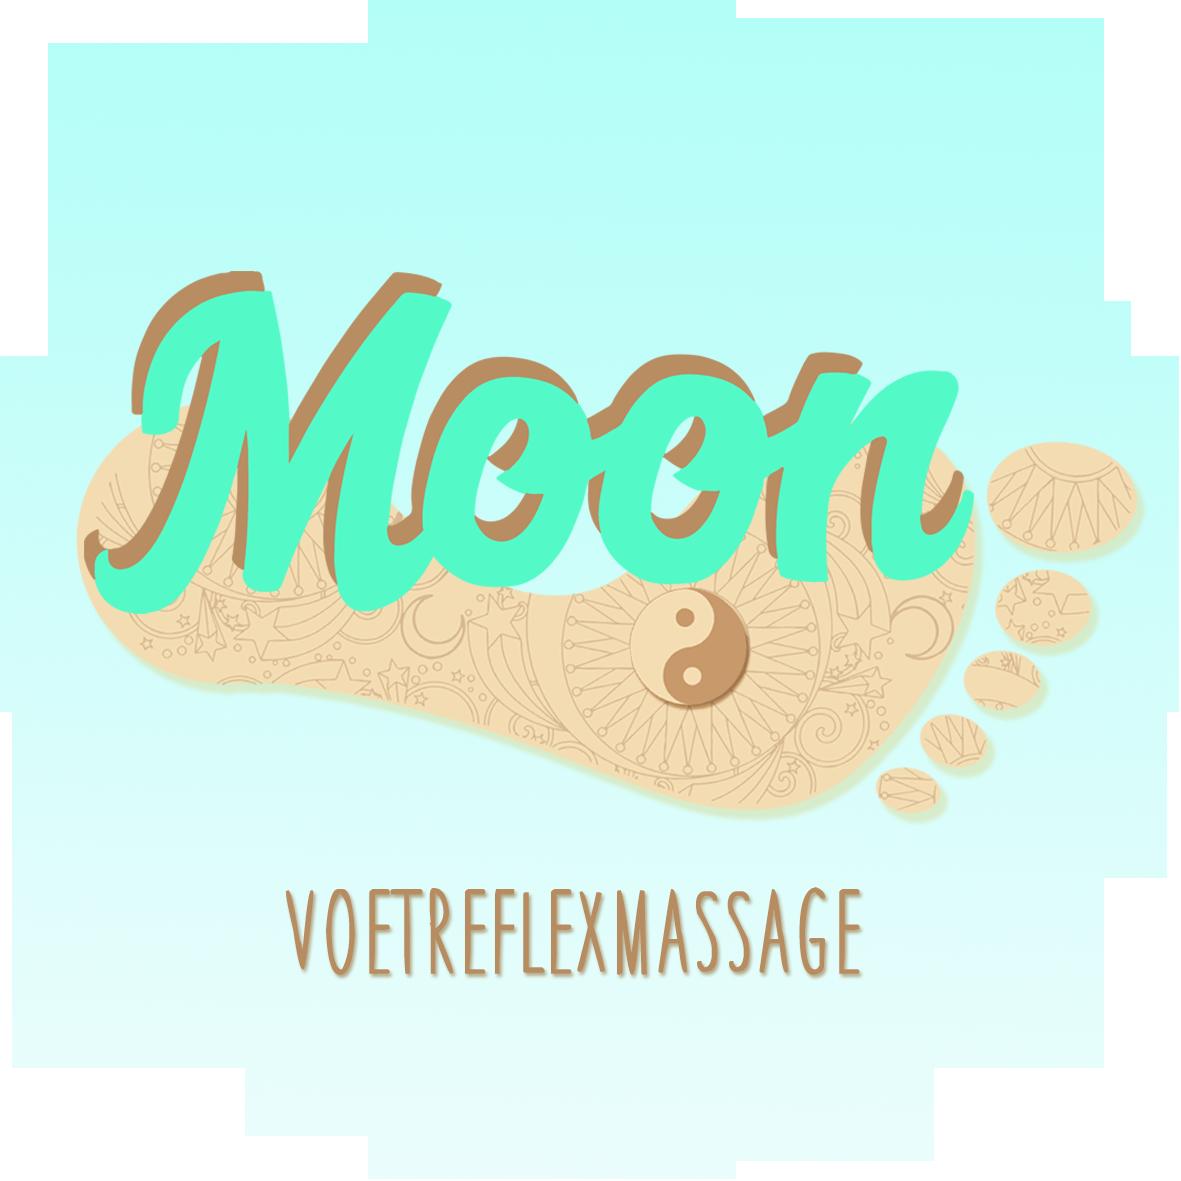 Moon voetreflexmassage